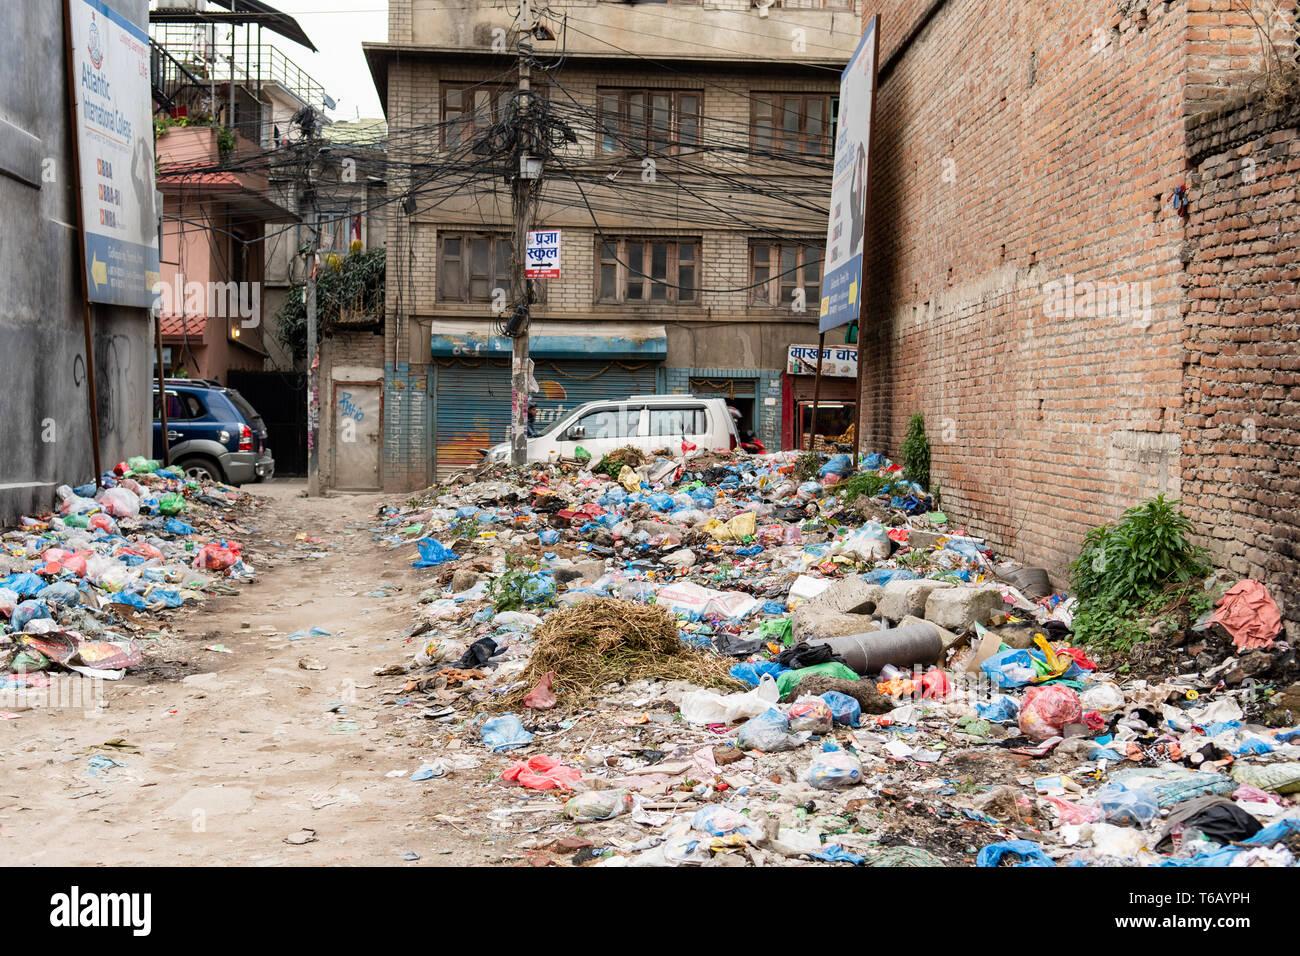 Katmandú, Nepal - Abril 20th, 2019 - montaña de basura en la calle, cerca de las casas. Imagen De Stock